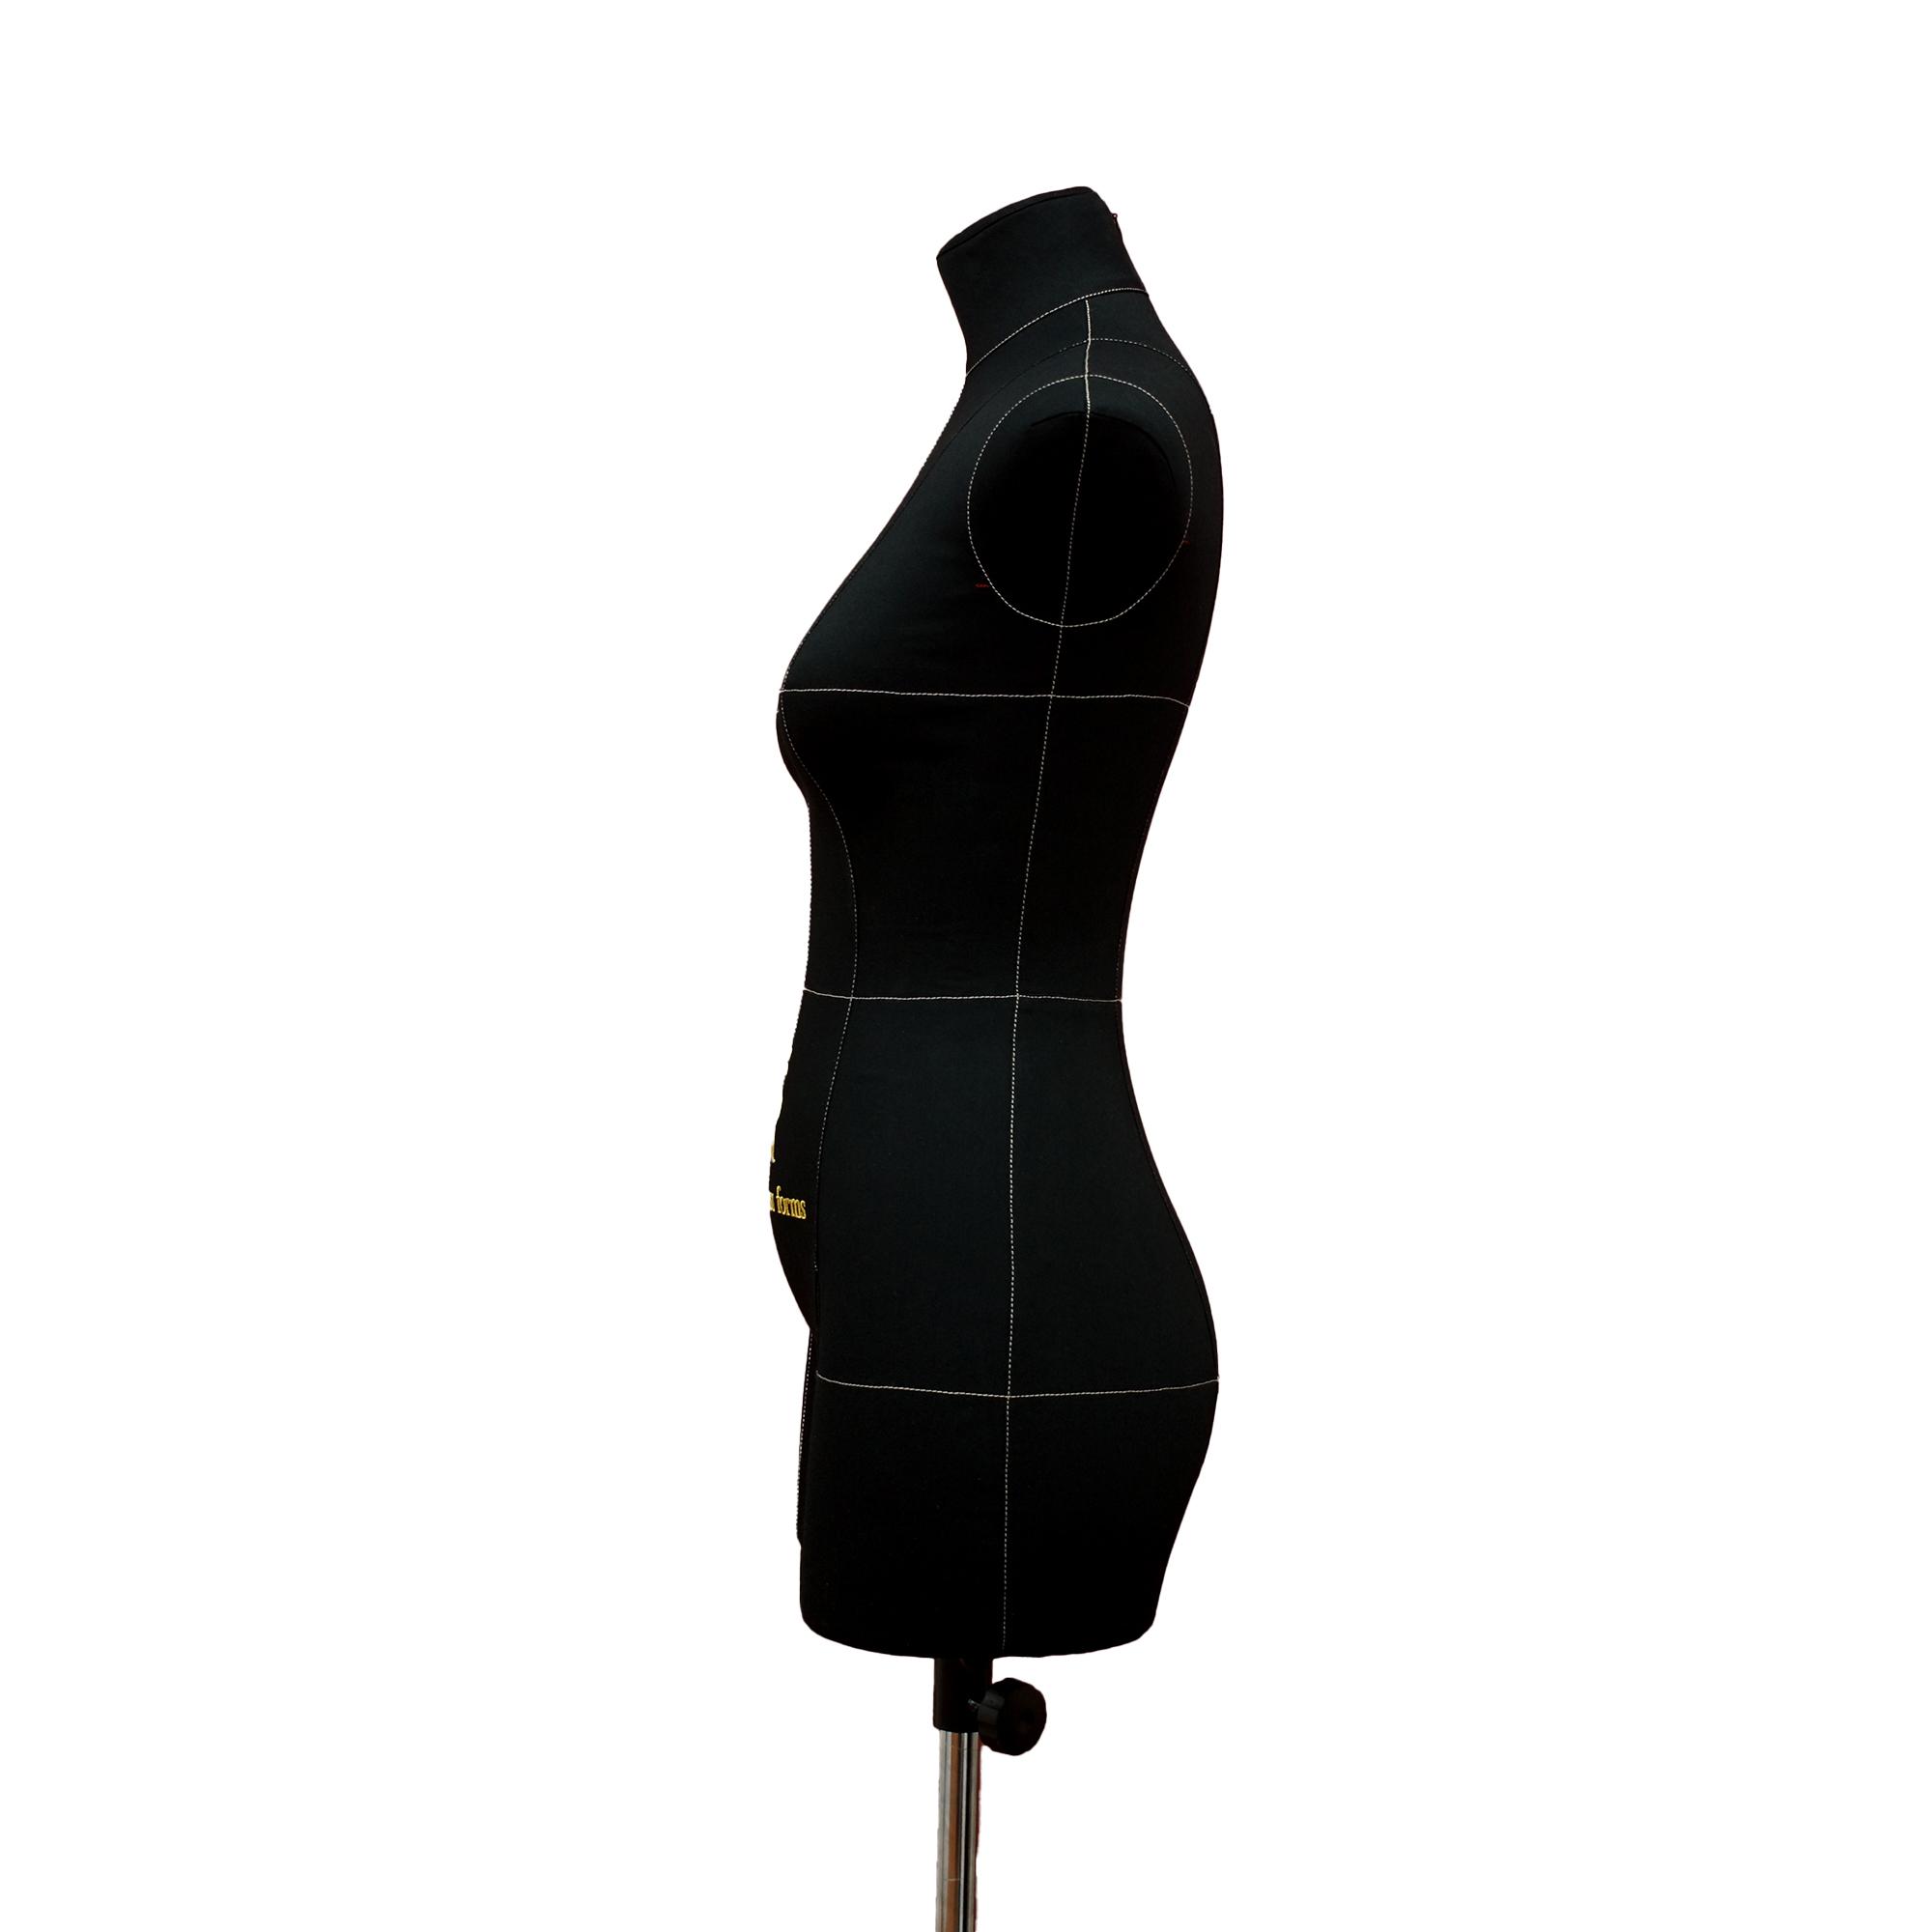 Манекен портновский Моника, комплект Про, размер 44, тип фигуры Песочные часы, черныйФото 2